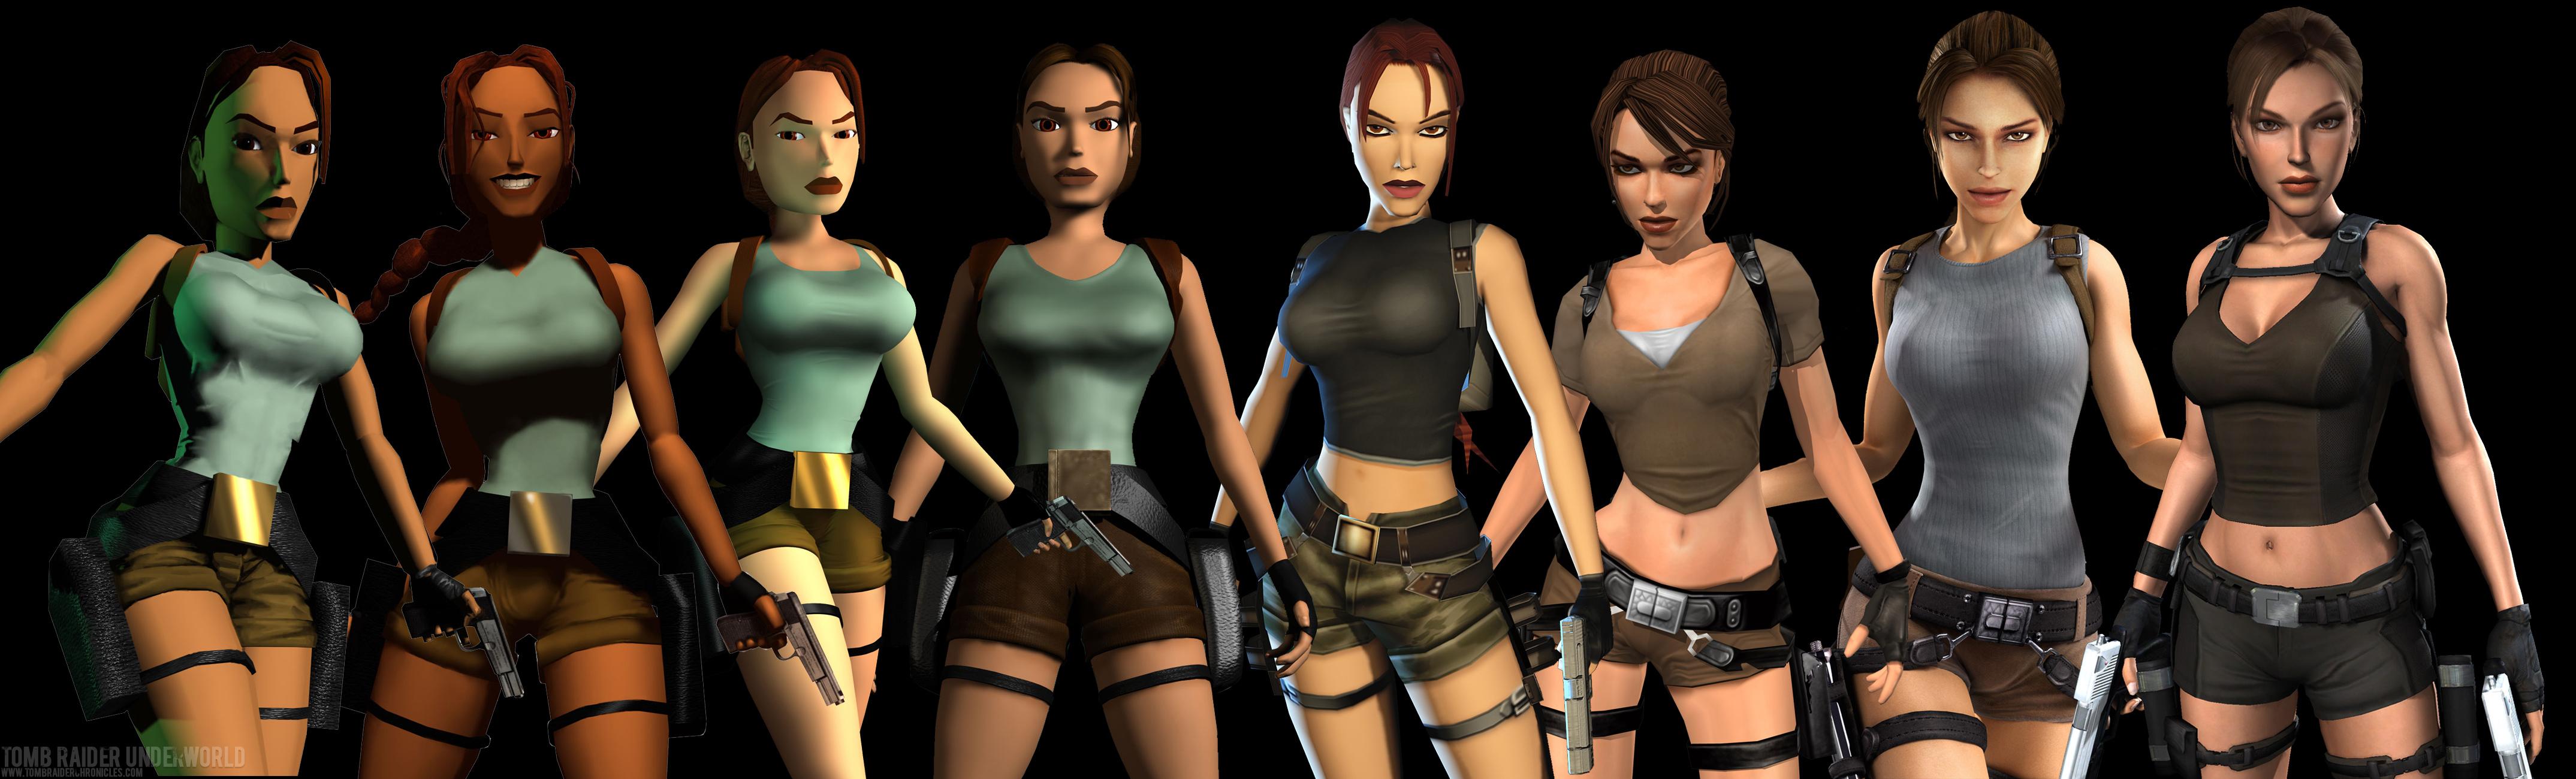 Lara crofft rule34 naked images